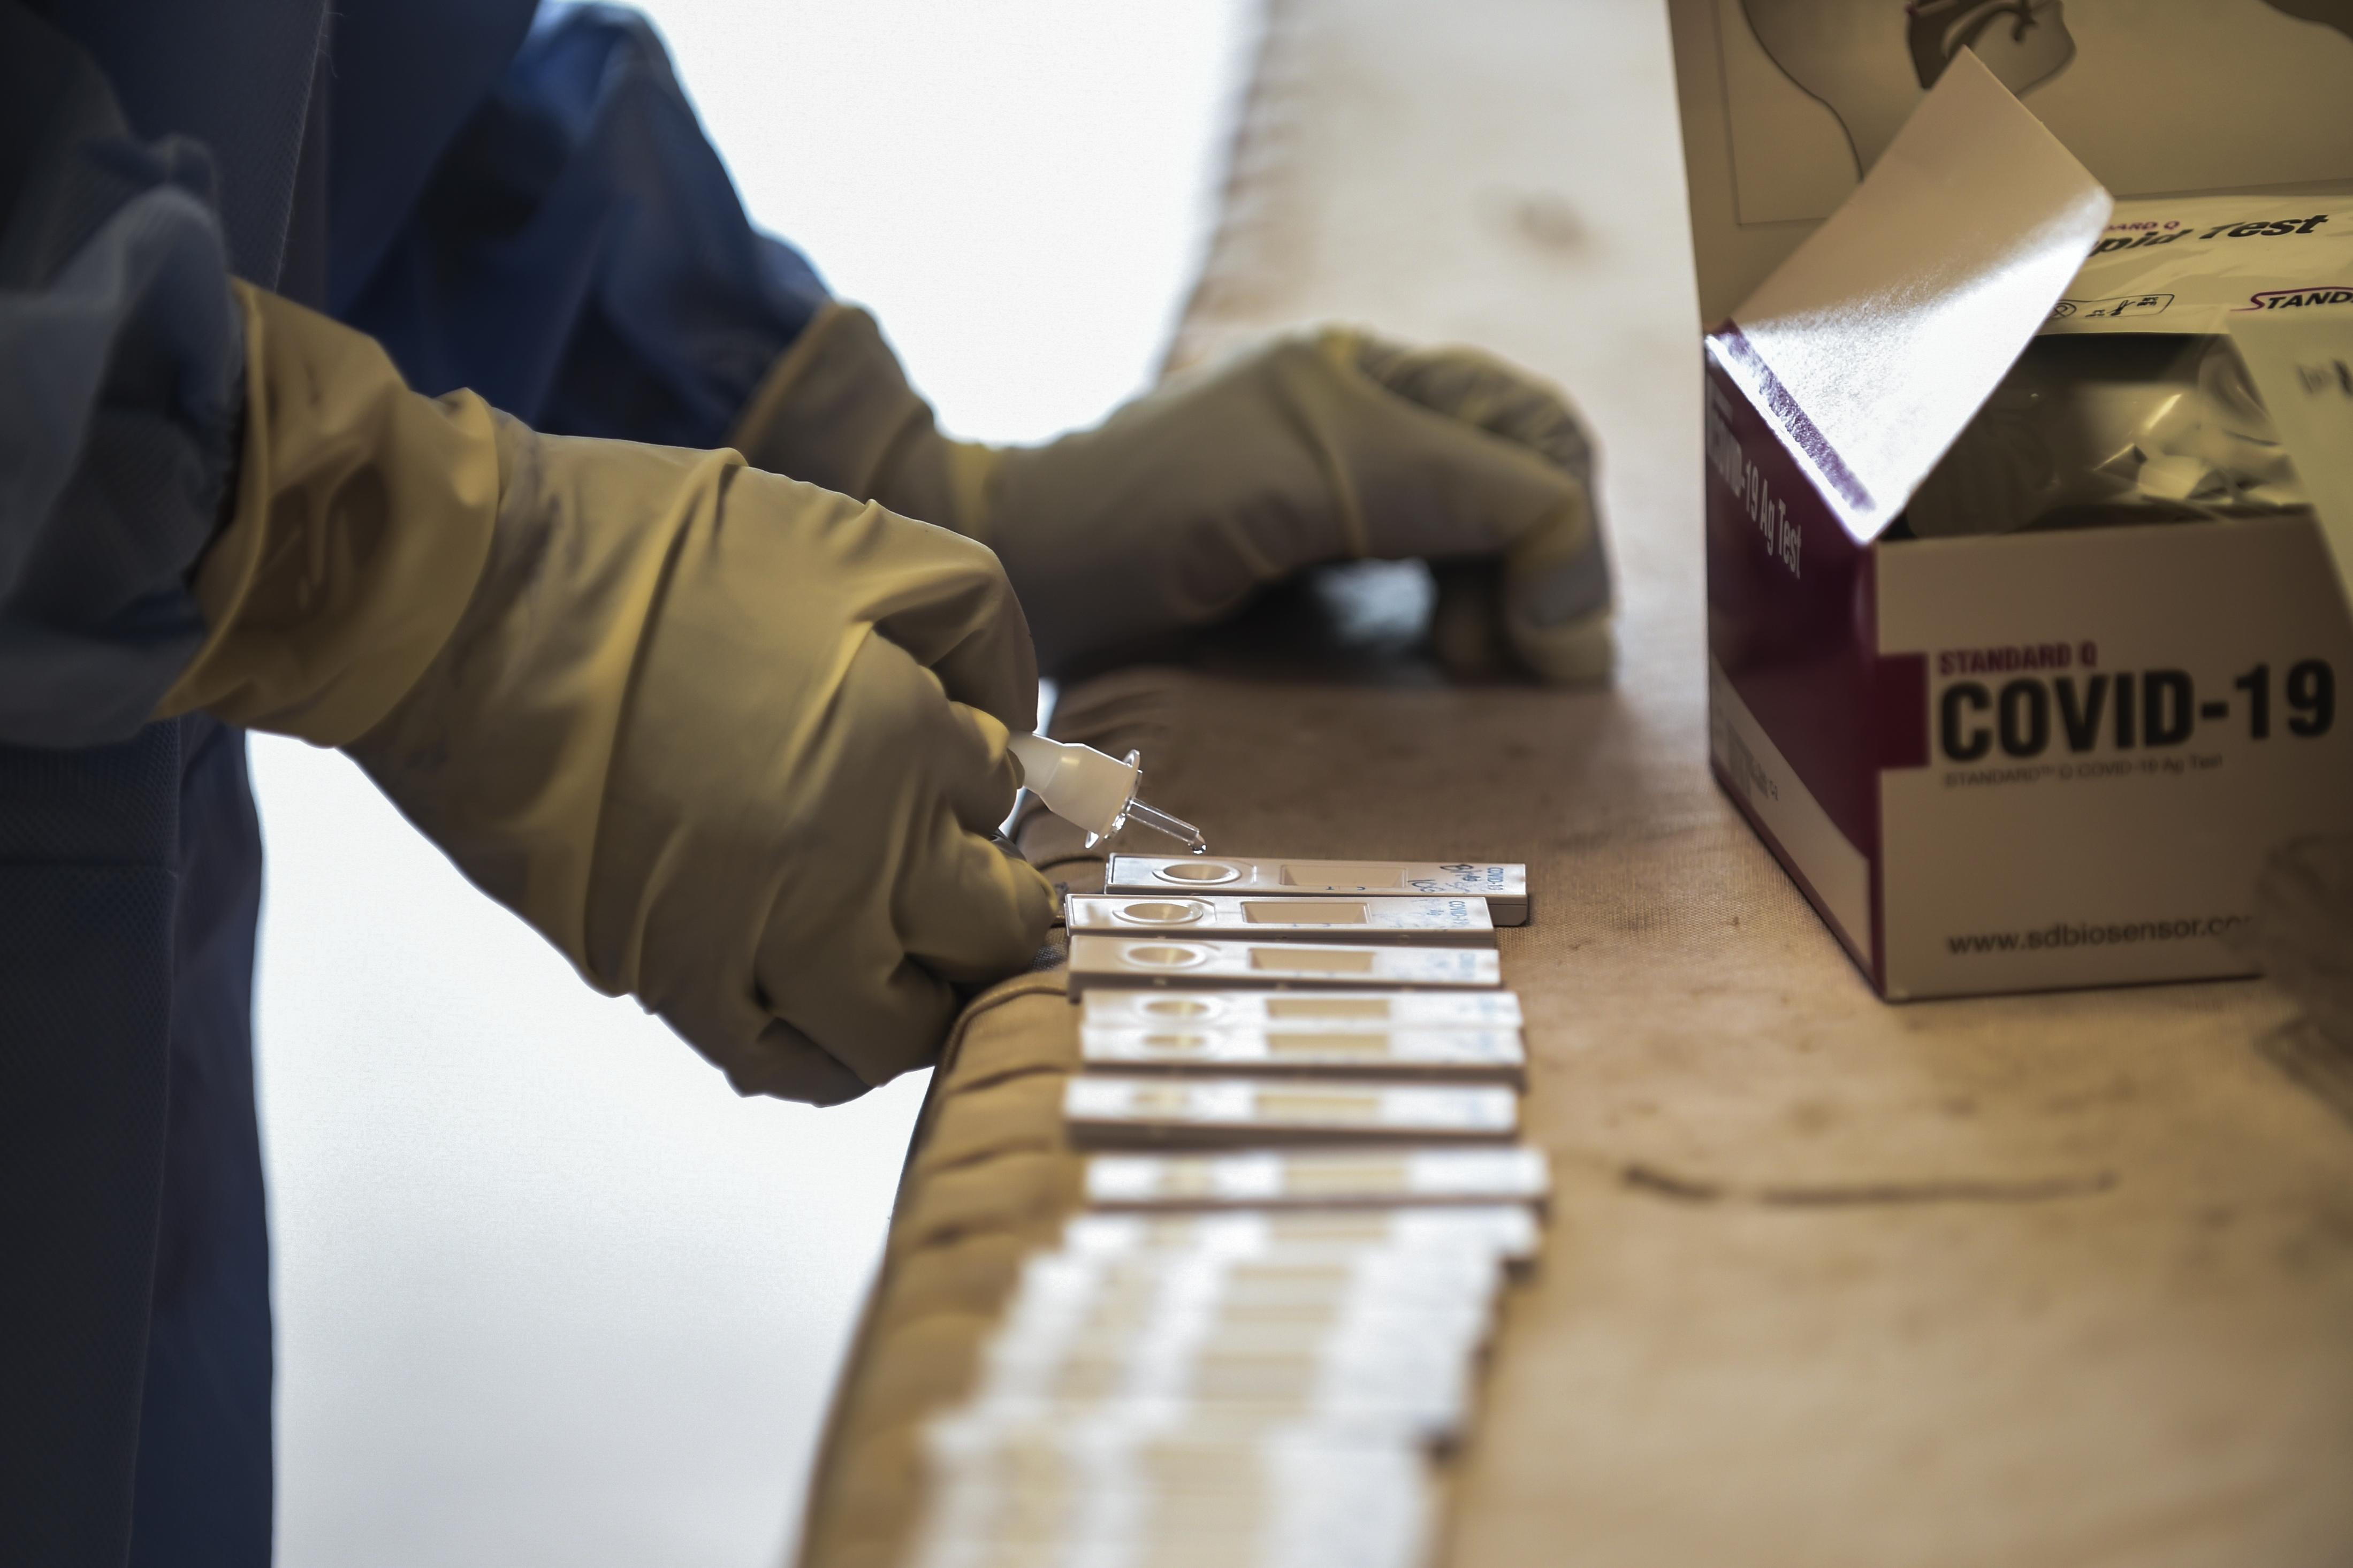 Coronavirus : une nouvelle étude montre que l'immunité disparaîtrait en quelques mois